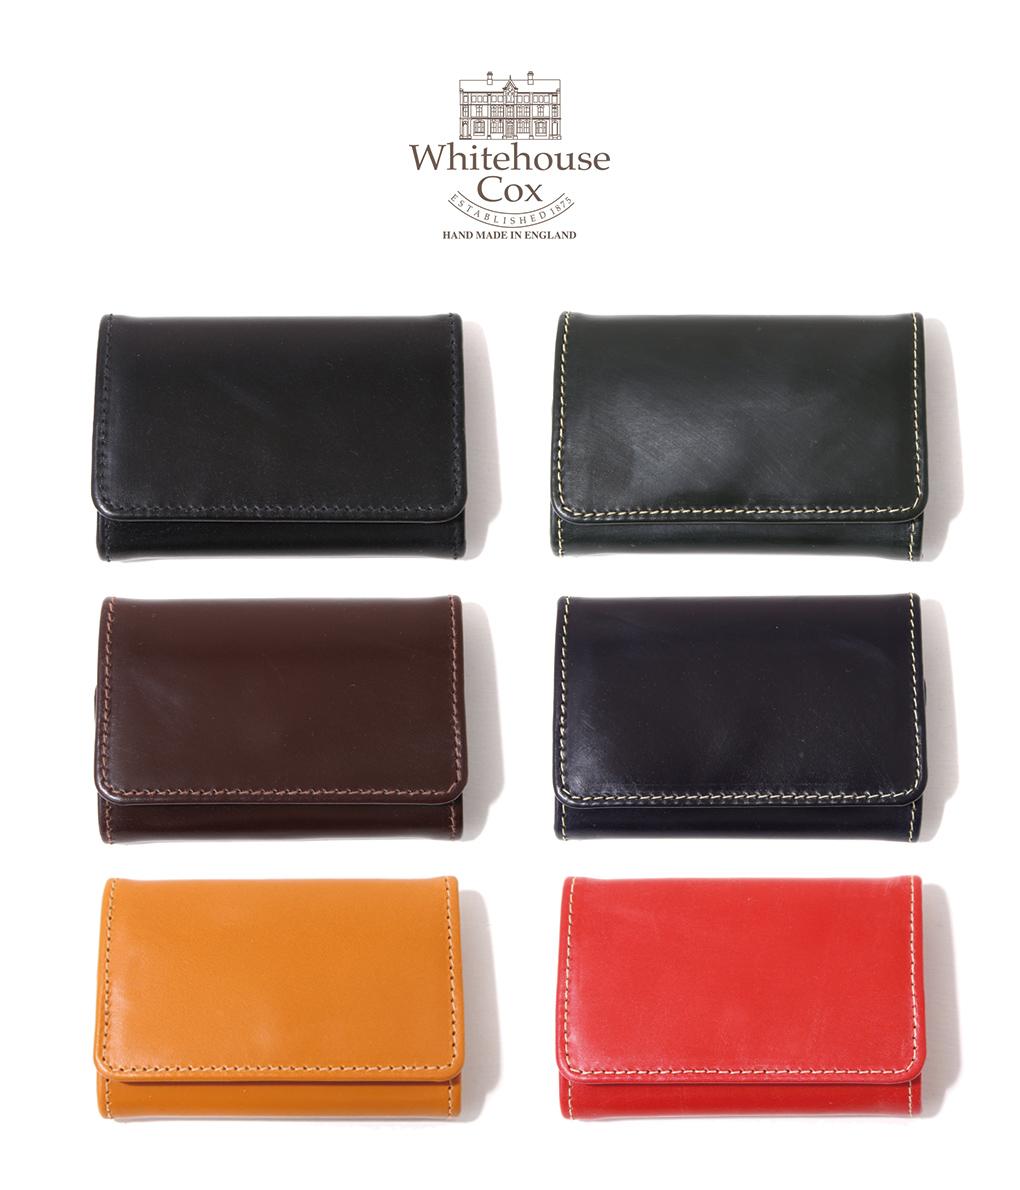 Whitehouse Cox / ホワイトハウスコックス : COIN PURSE (Bridle Leather) / 全6色 : ブライドル レザー コインケース 財布 小銭入れ ブライドル ギフト プレゼント ラッピング可能 メンズ レディース : S-9084-BRI【MUS】